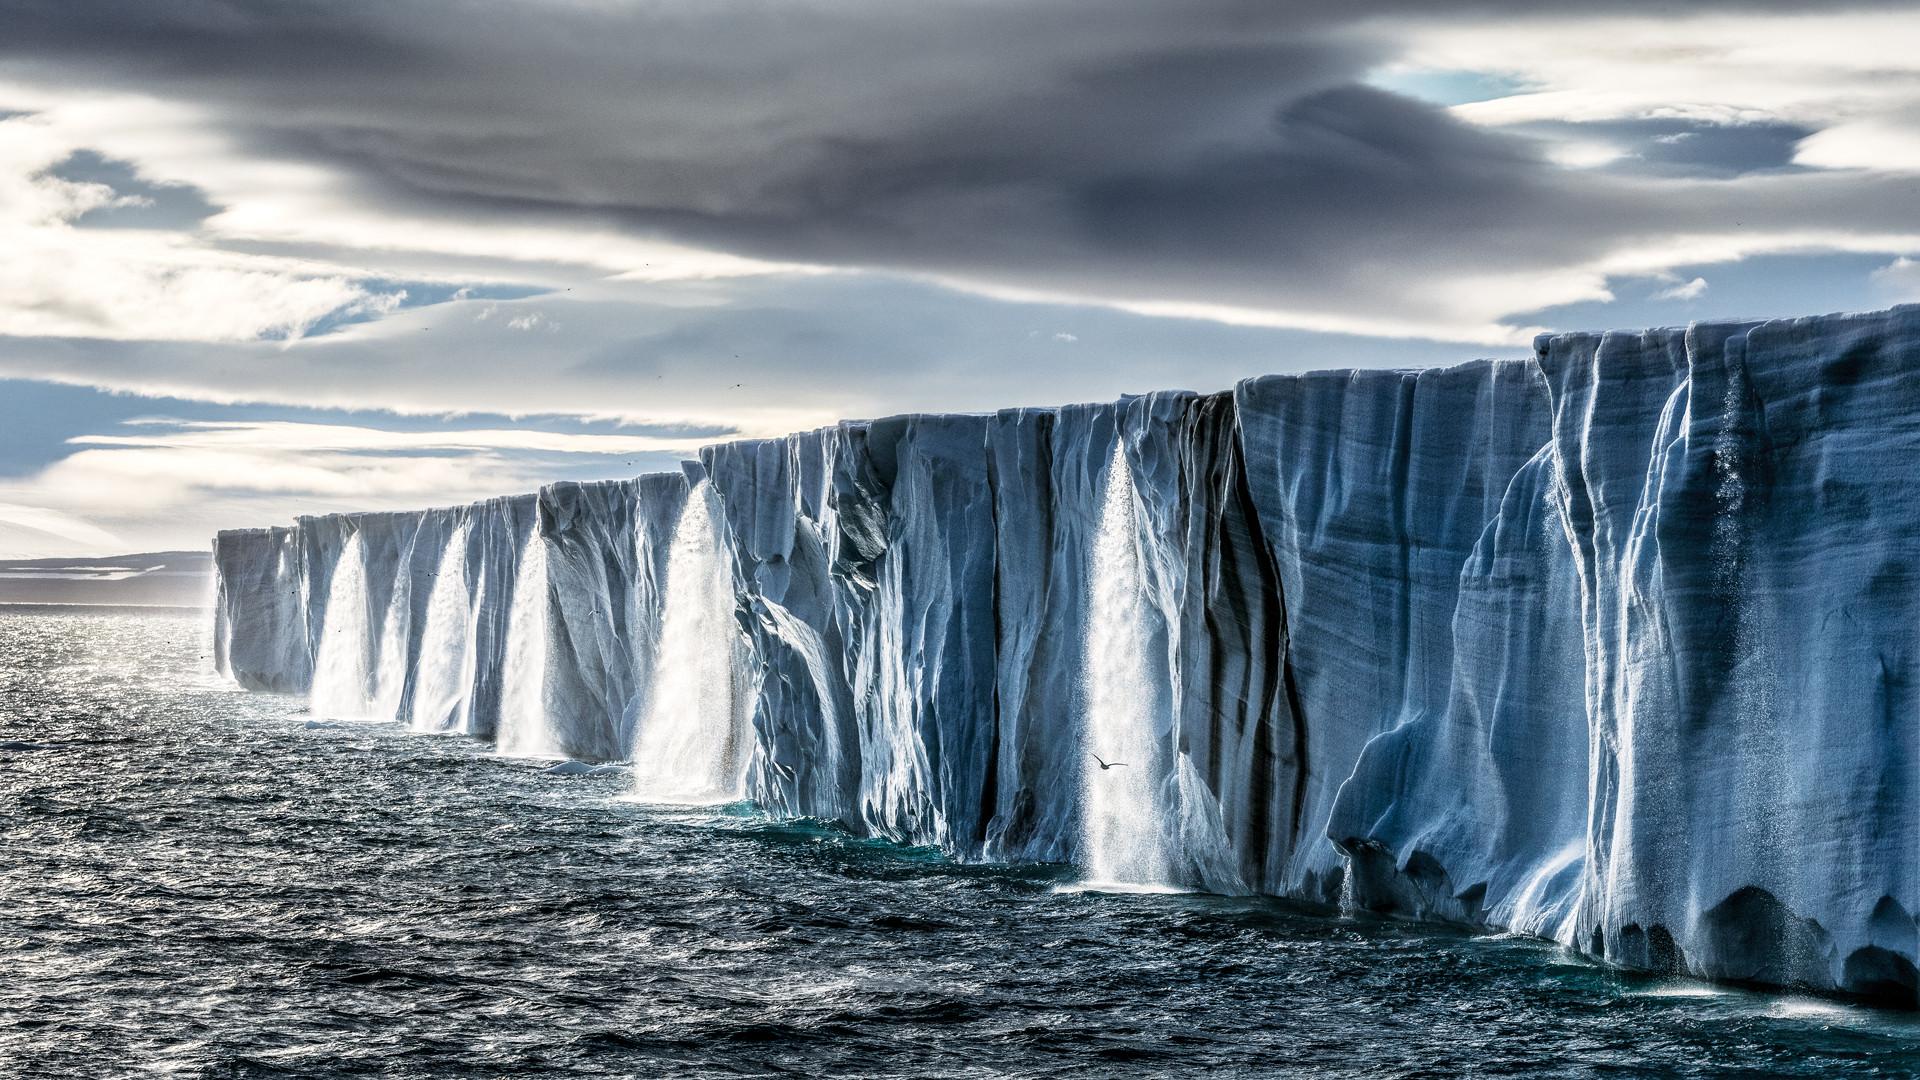 Nordaustlandet ice cap in Svalbard, Norway